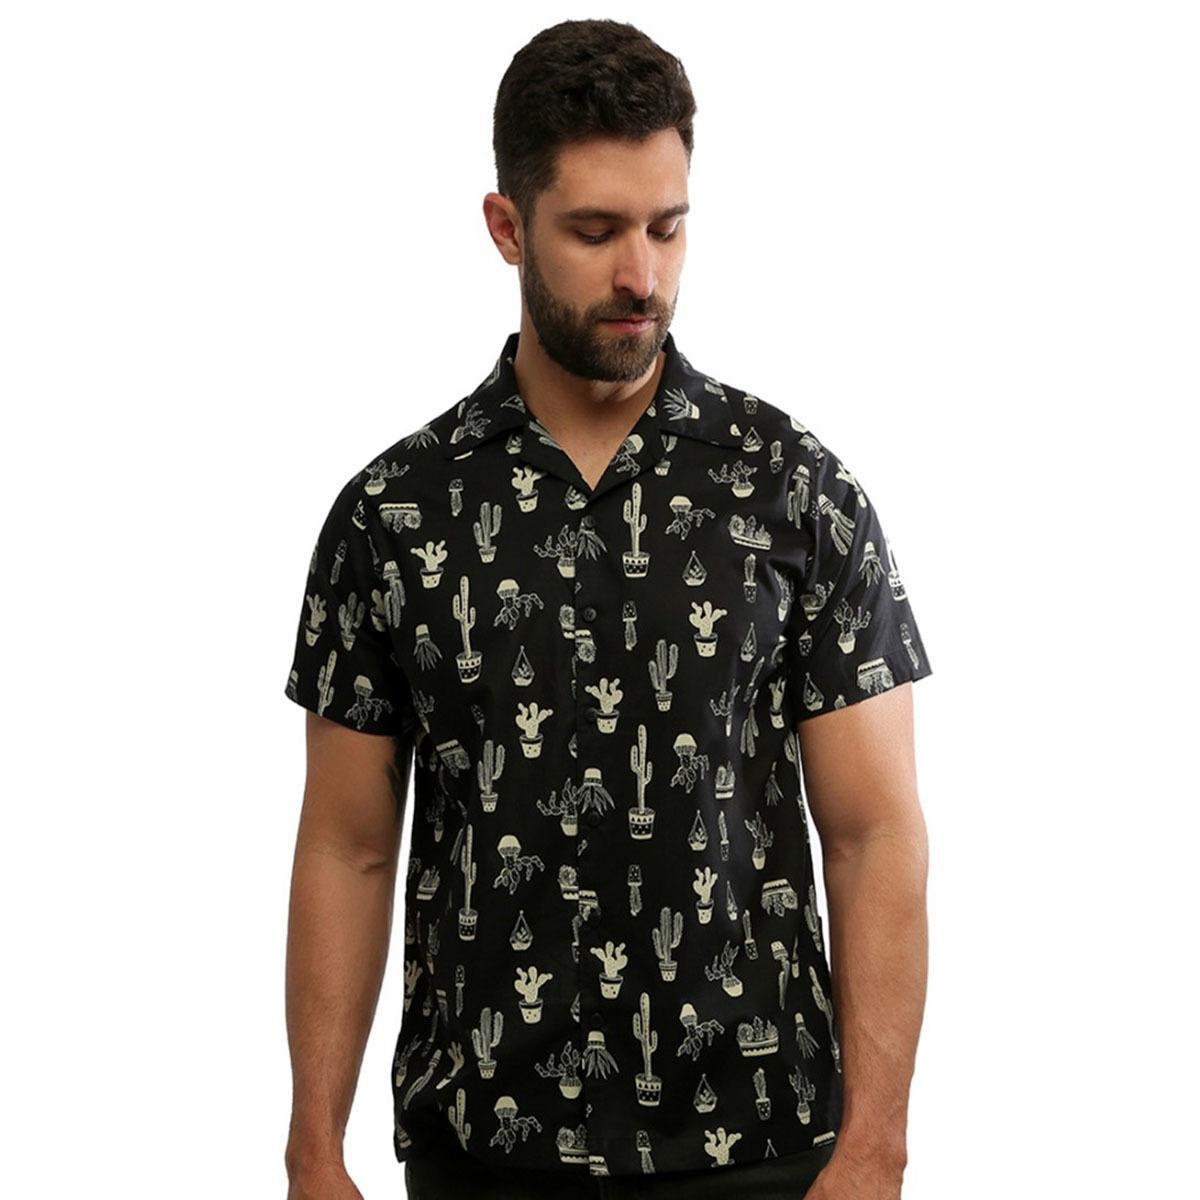 Camisa masculina manga curta estampada com botão 100% algodão Arizona - Hardivision